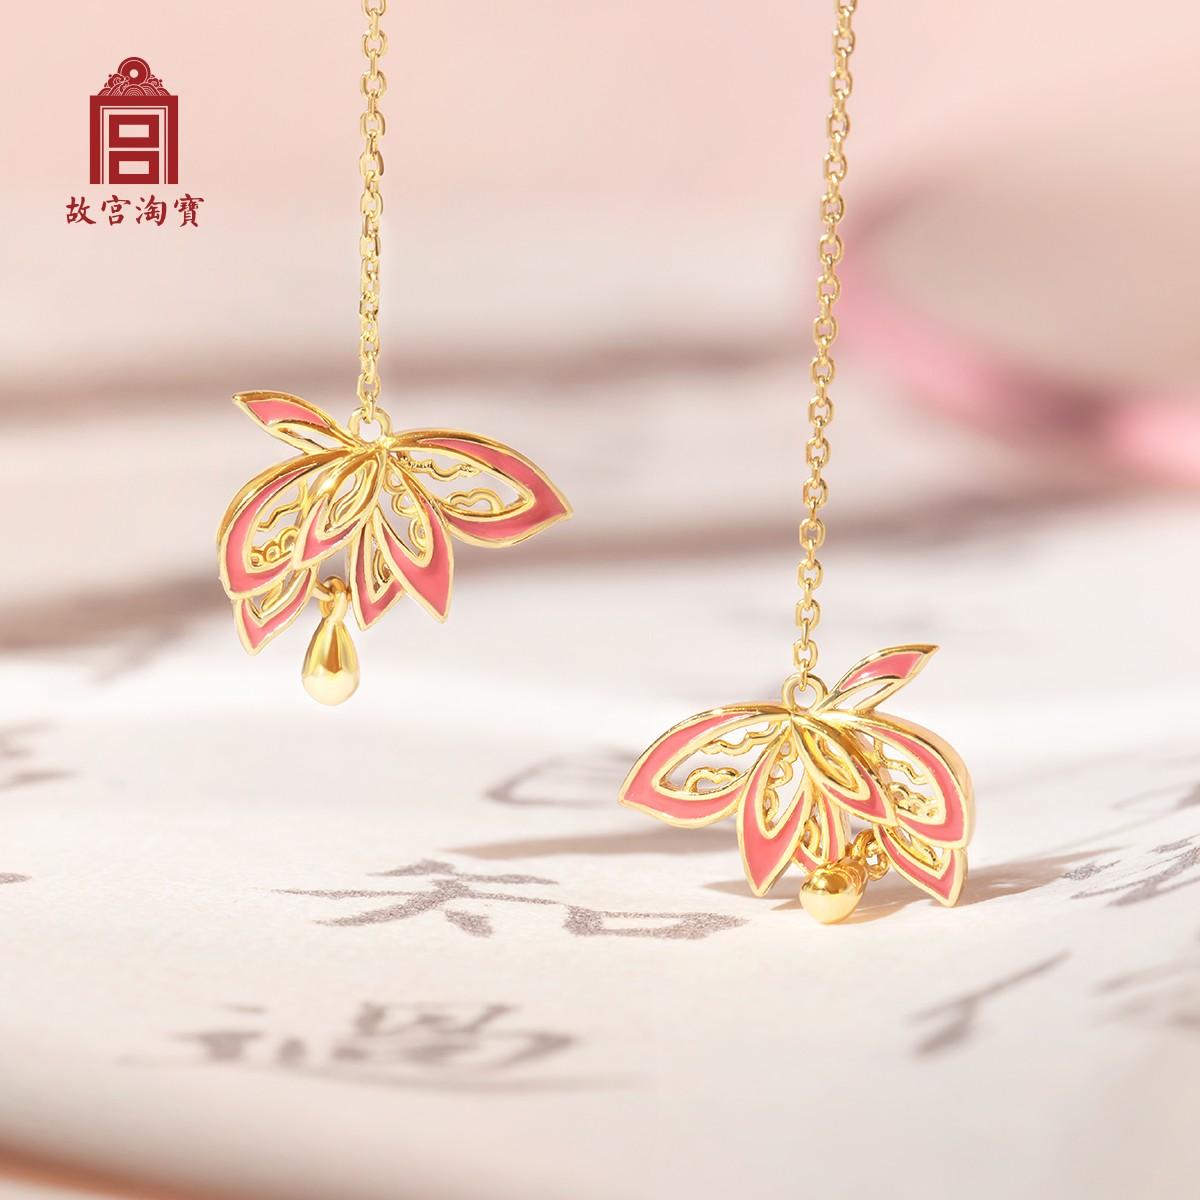 【故宫淘宝】勾莲耳线- 镀金中国风古风耳饰耳坠耳环长款显脸瘦